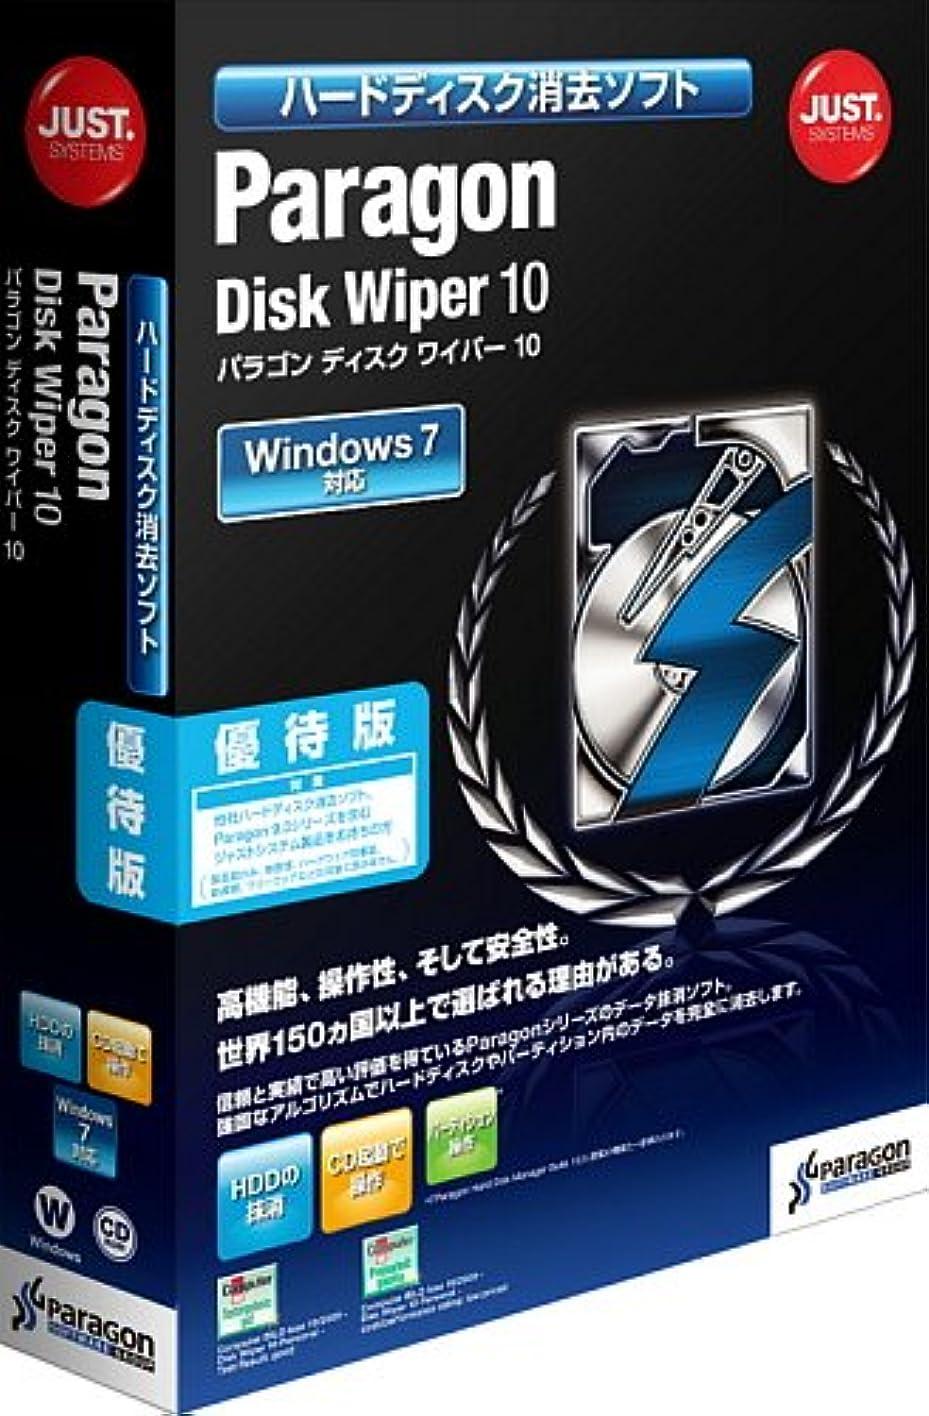 酸素注文夜の動物園Paragon Disk Wiper 10 優待版